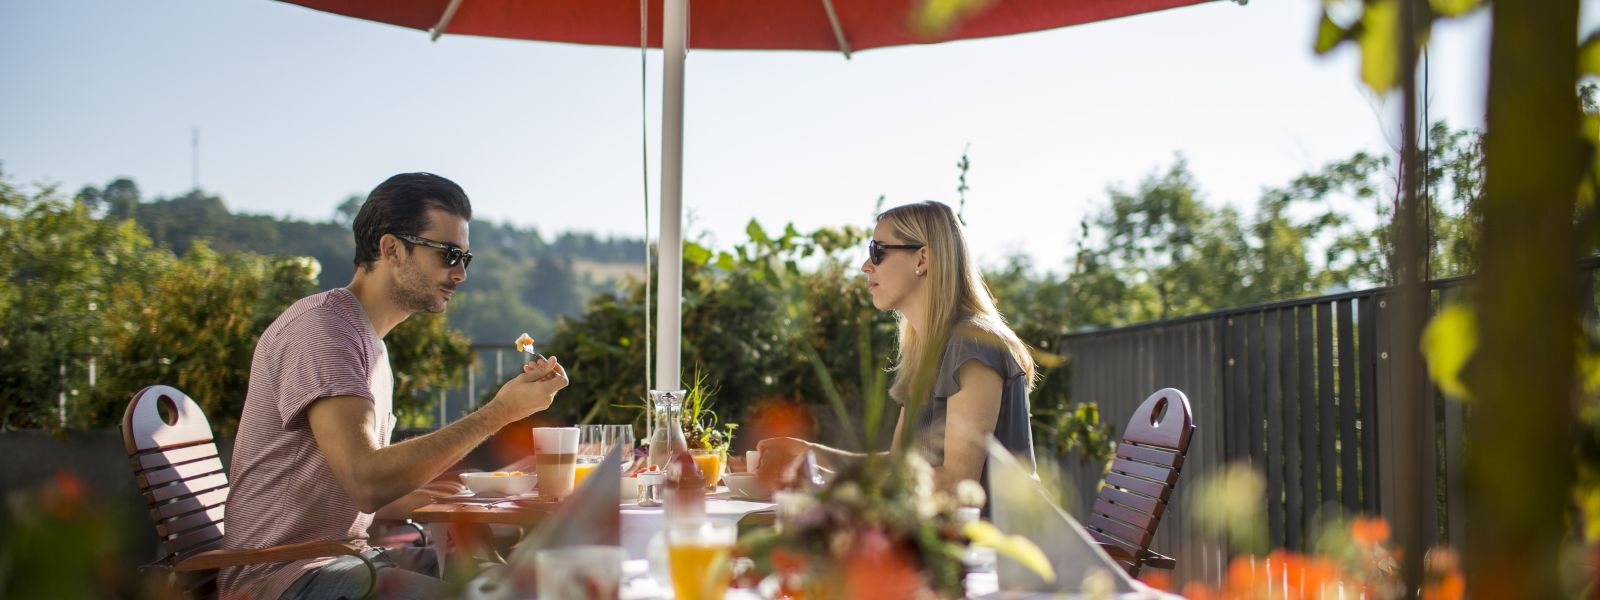 Ein Paar beim Frühstück auf der Terrasse